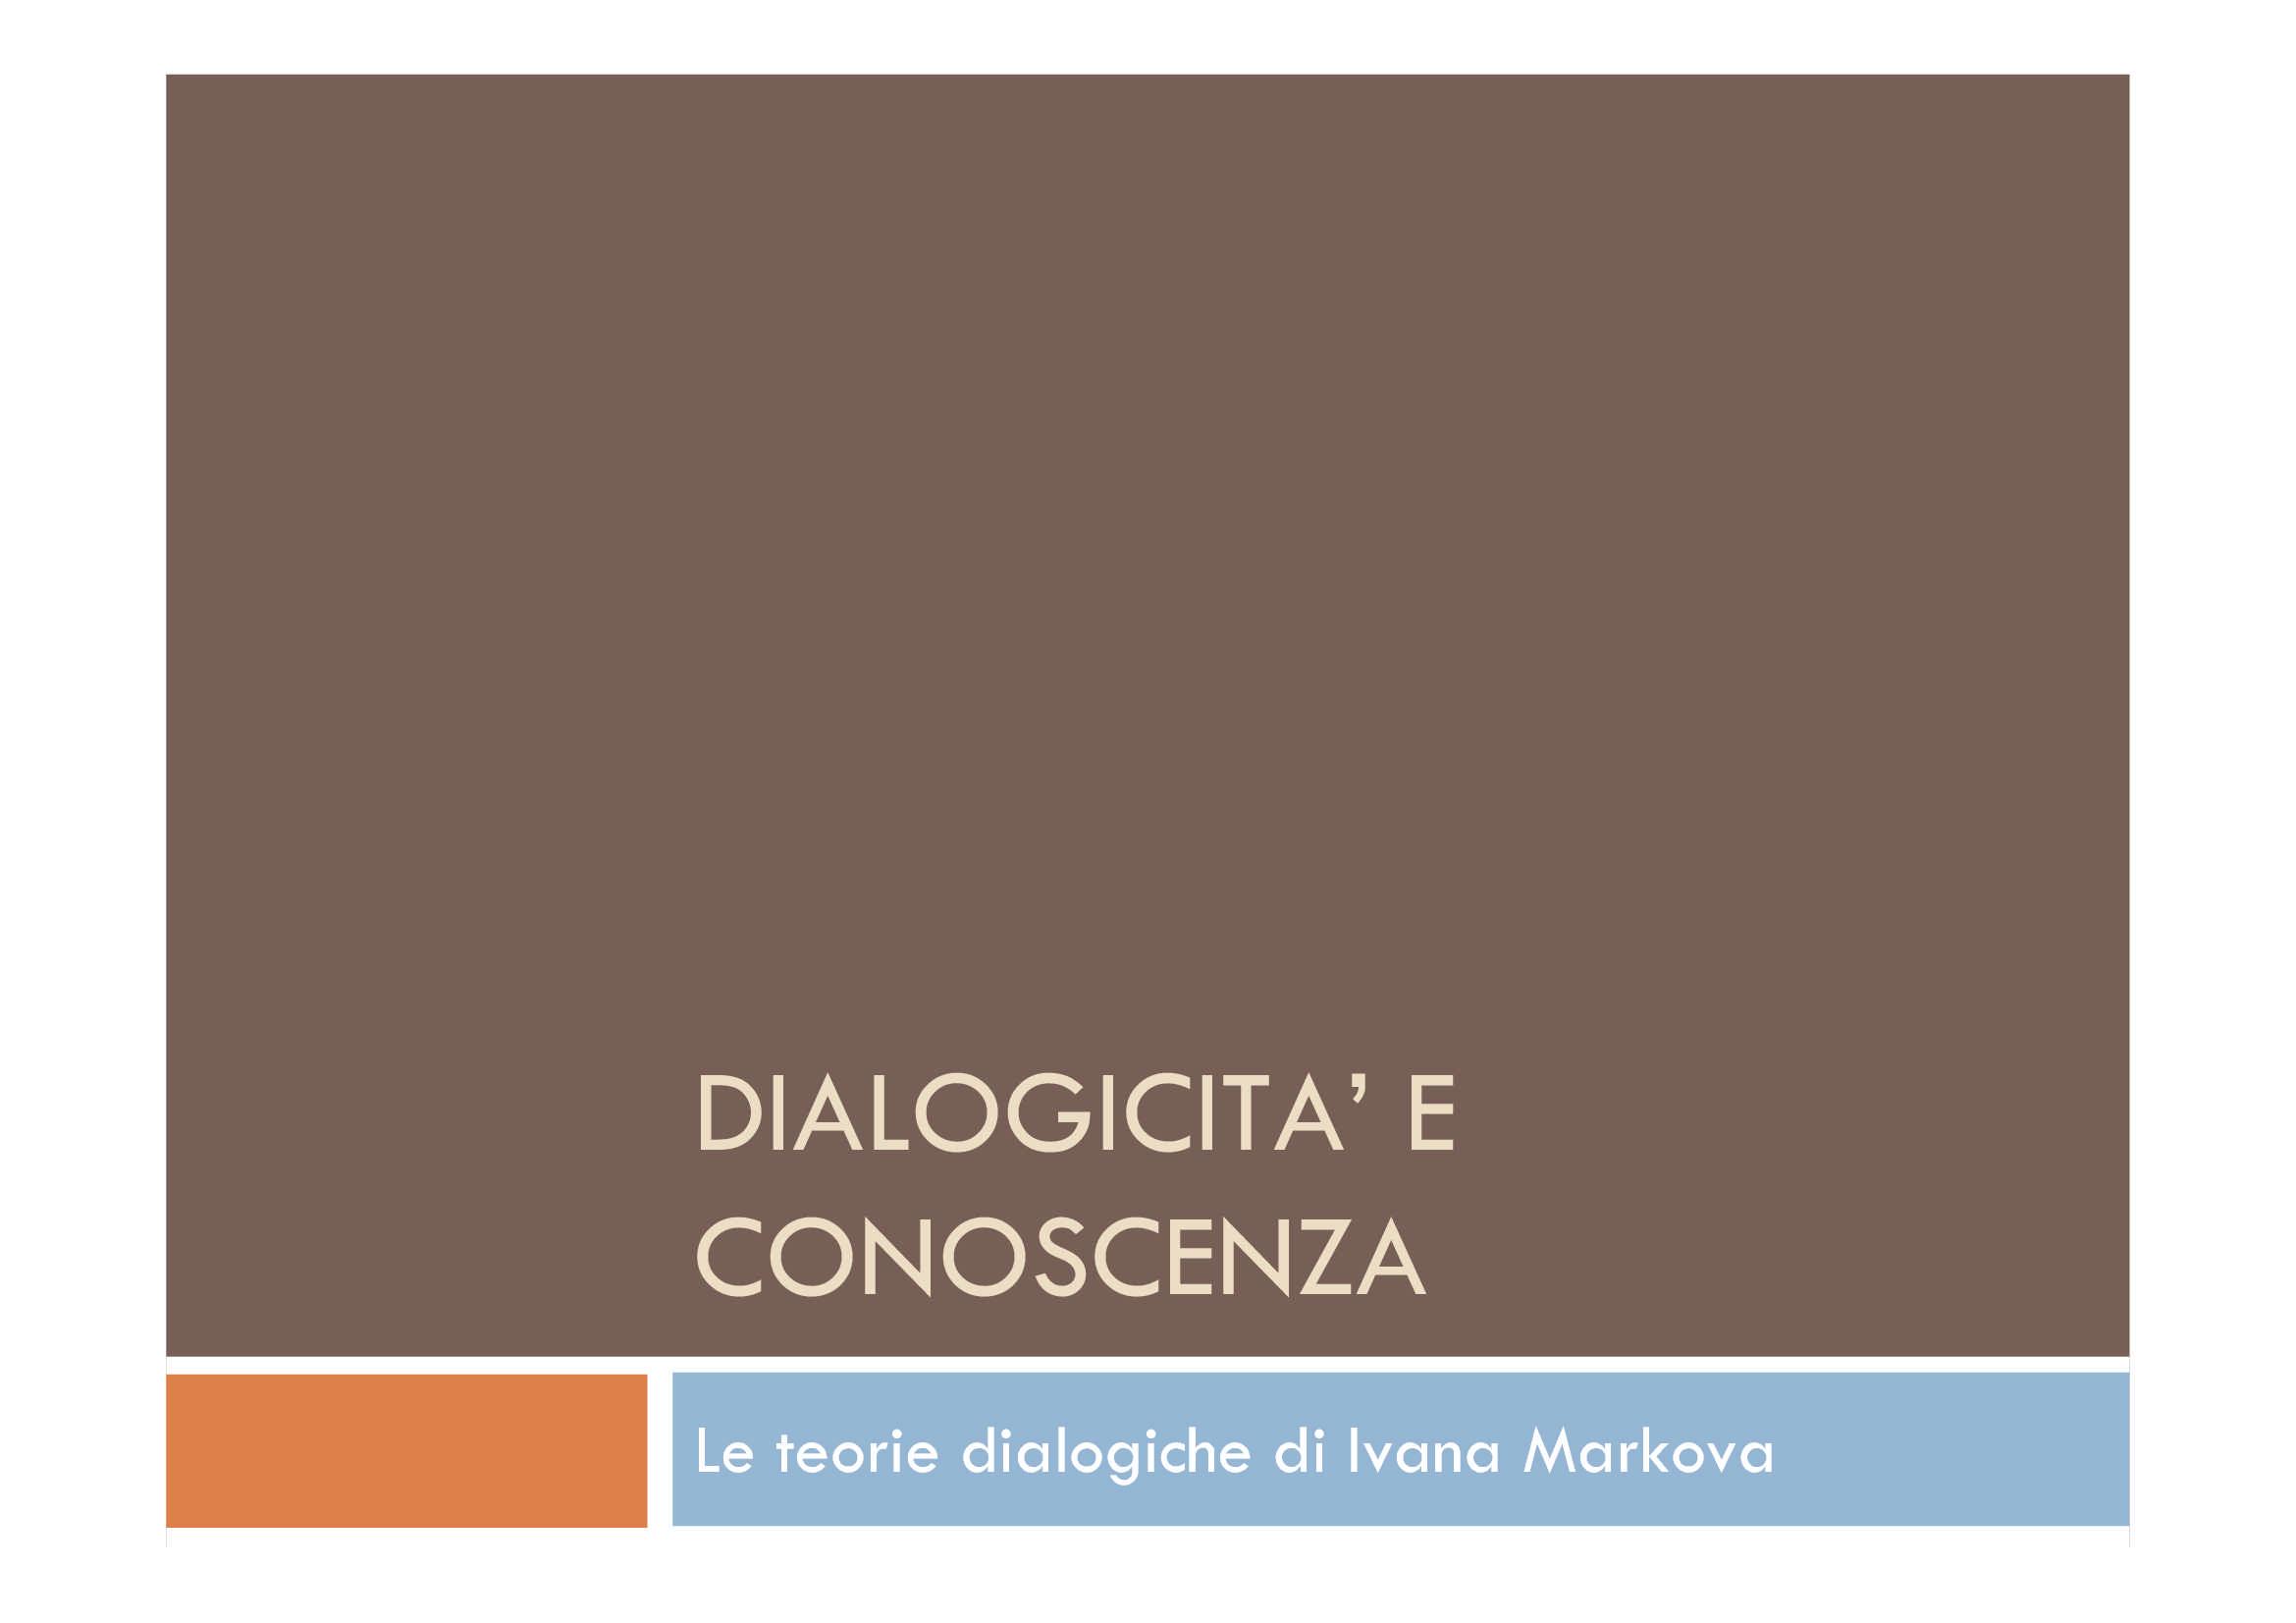 Dialogicità e conoscenza